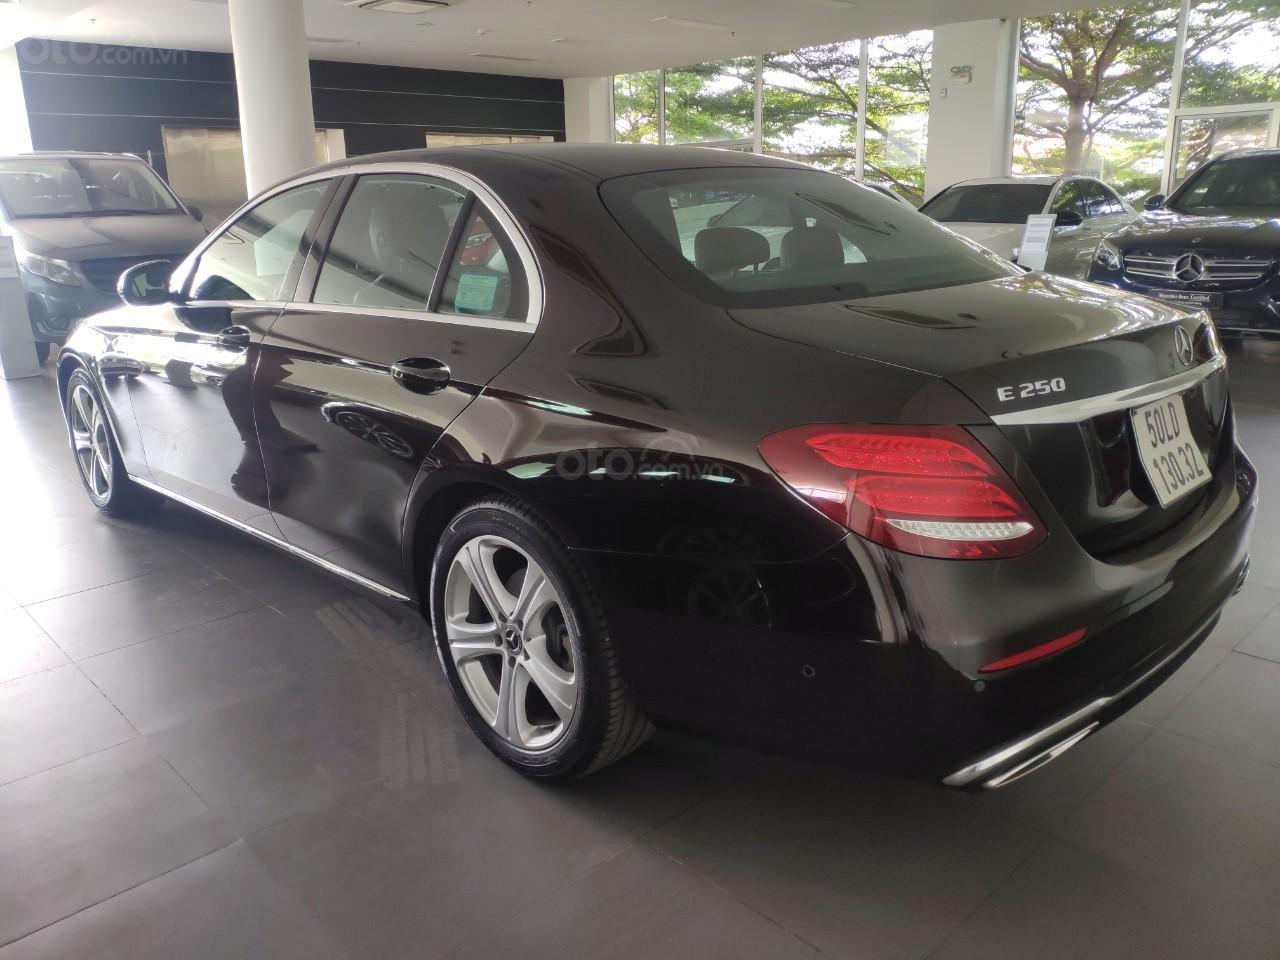 Bán xe Mercedes E250 giá cực tốt (10)